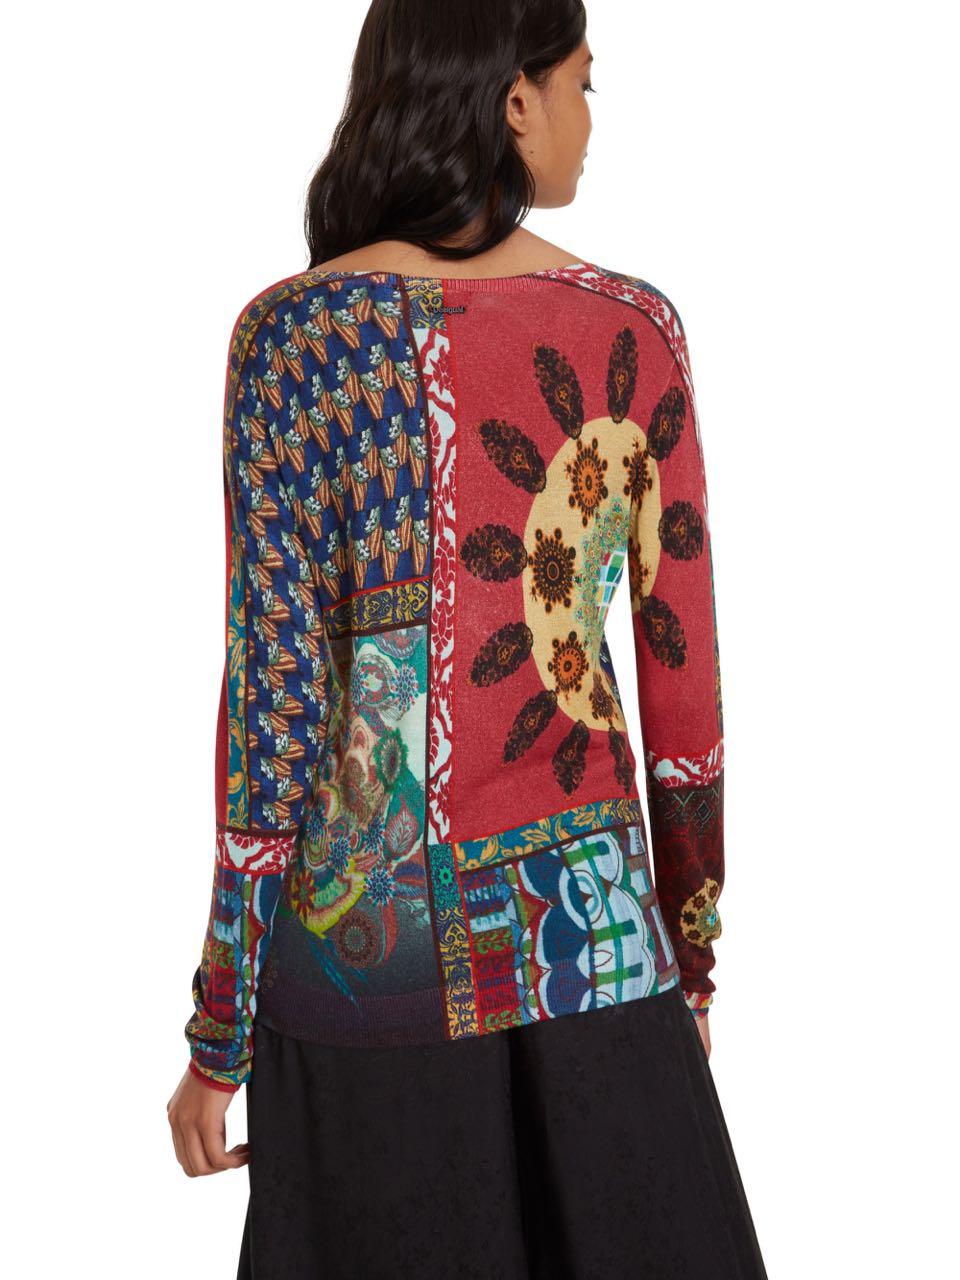 Desigual MICHELLE sweater FW2019.